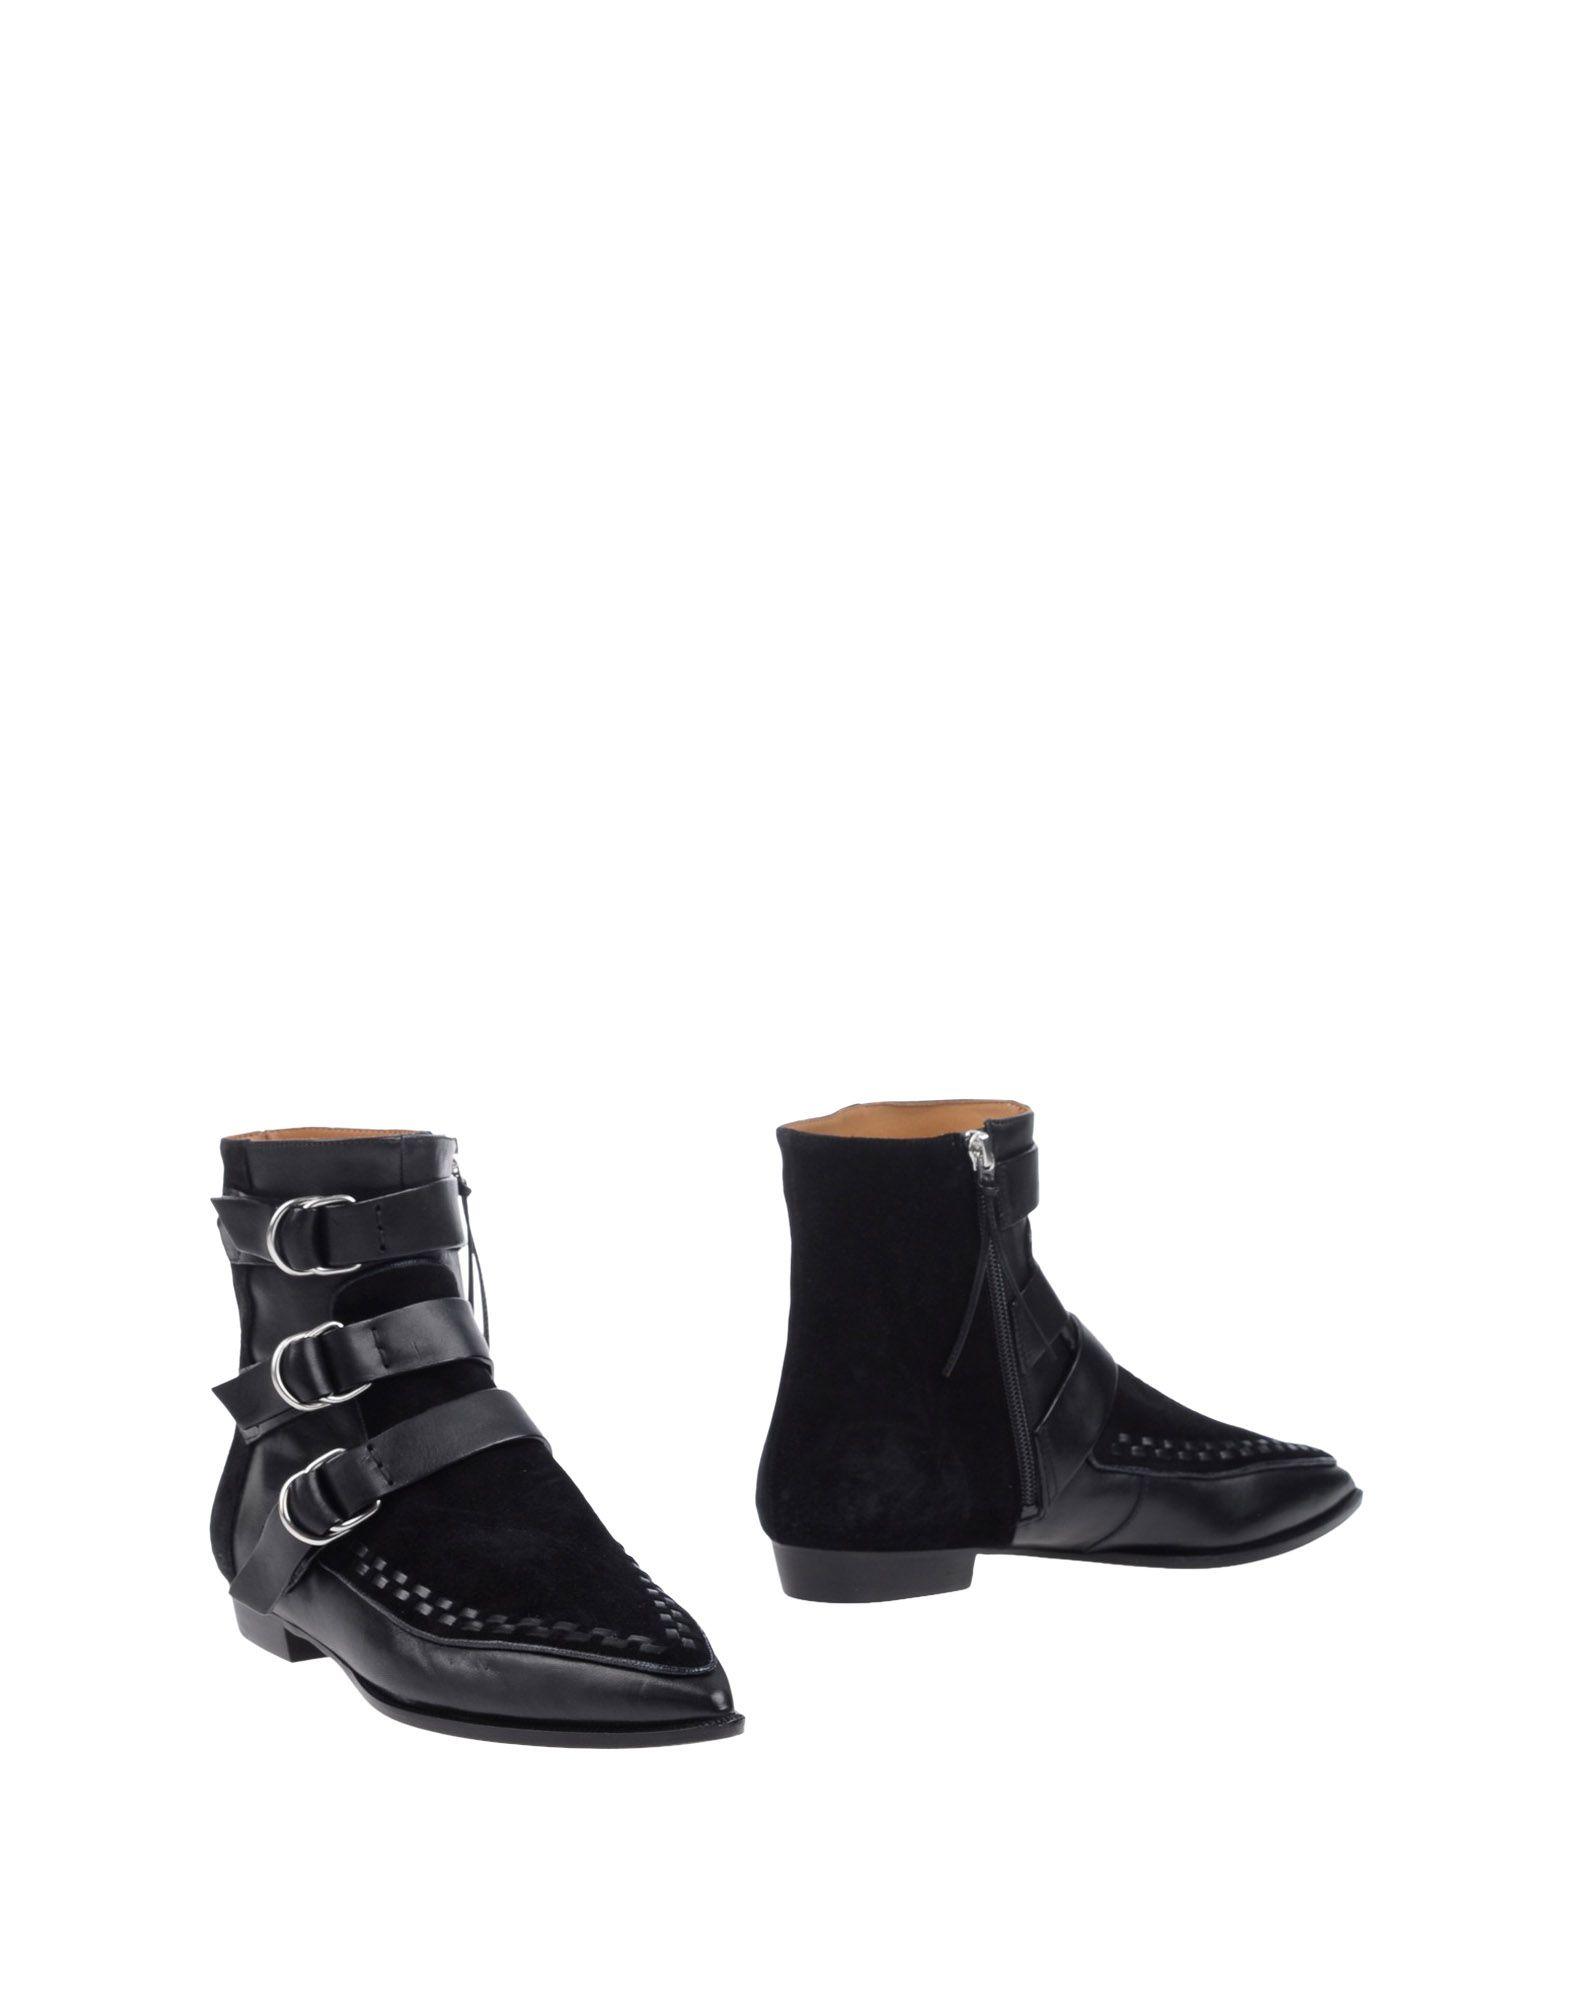 Isabel Marant Stiefelette Damen  11279732ONGünstige gut aussehende Schuhe